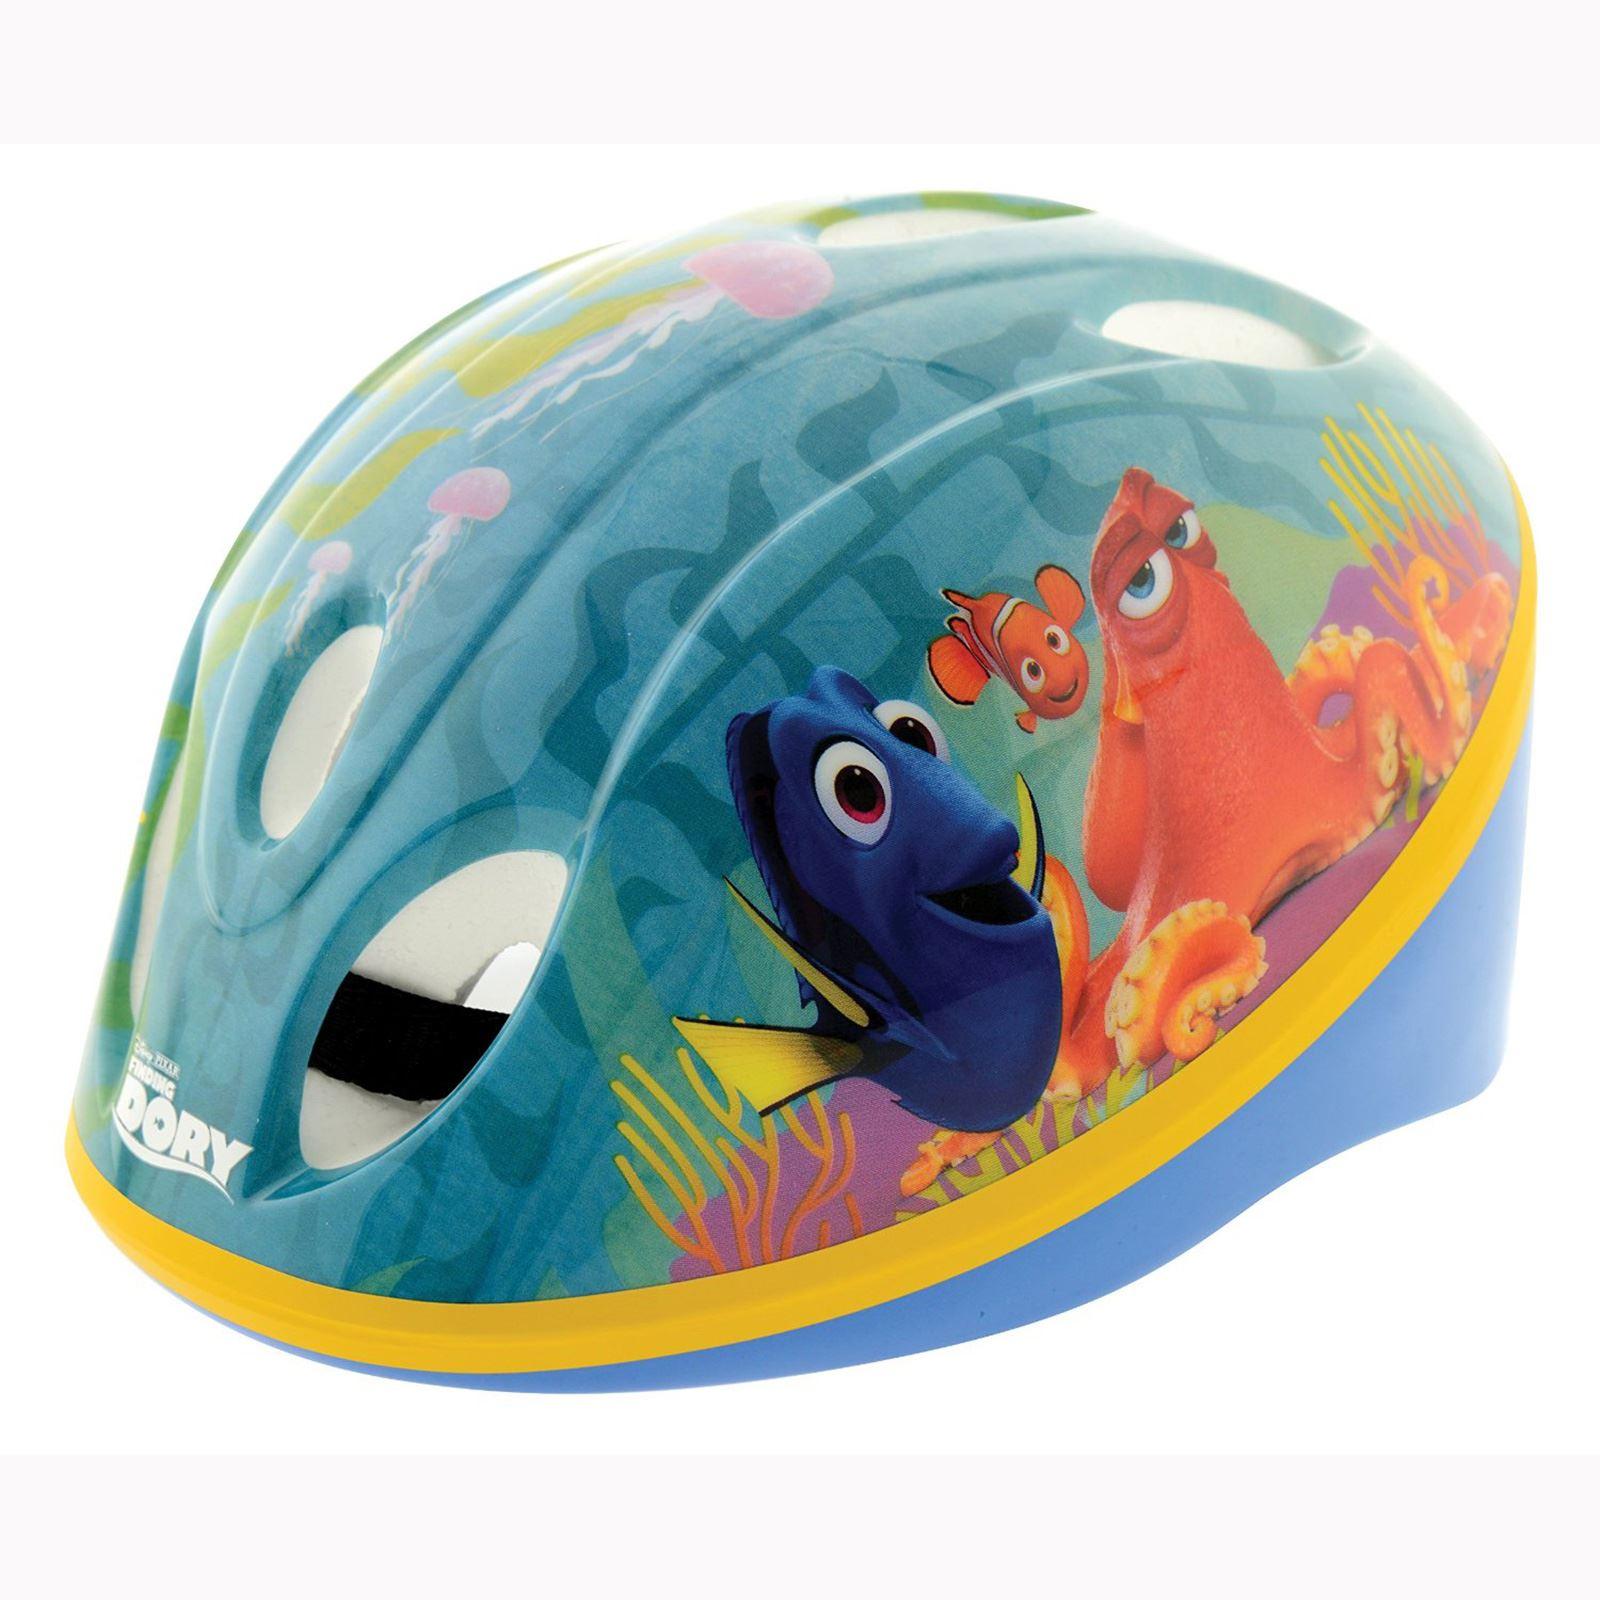 Kinder-Disney-Charakter-Sicherheit-Zyklus-Fahrrad-Helme-Peppa-Pig-PJ-Masken-amp-mehr Indexbild 21